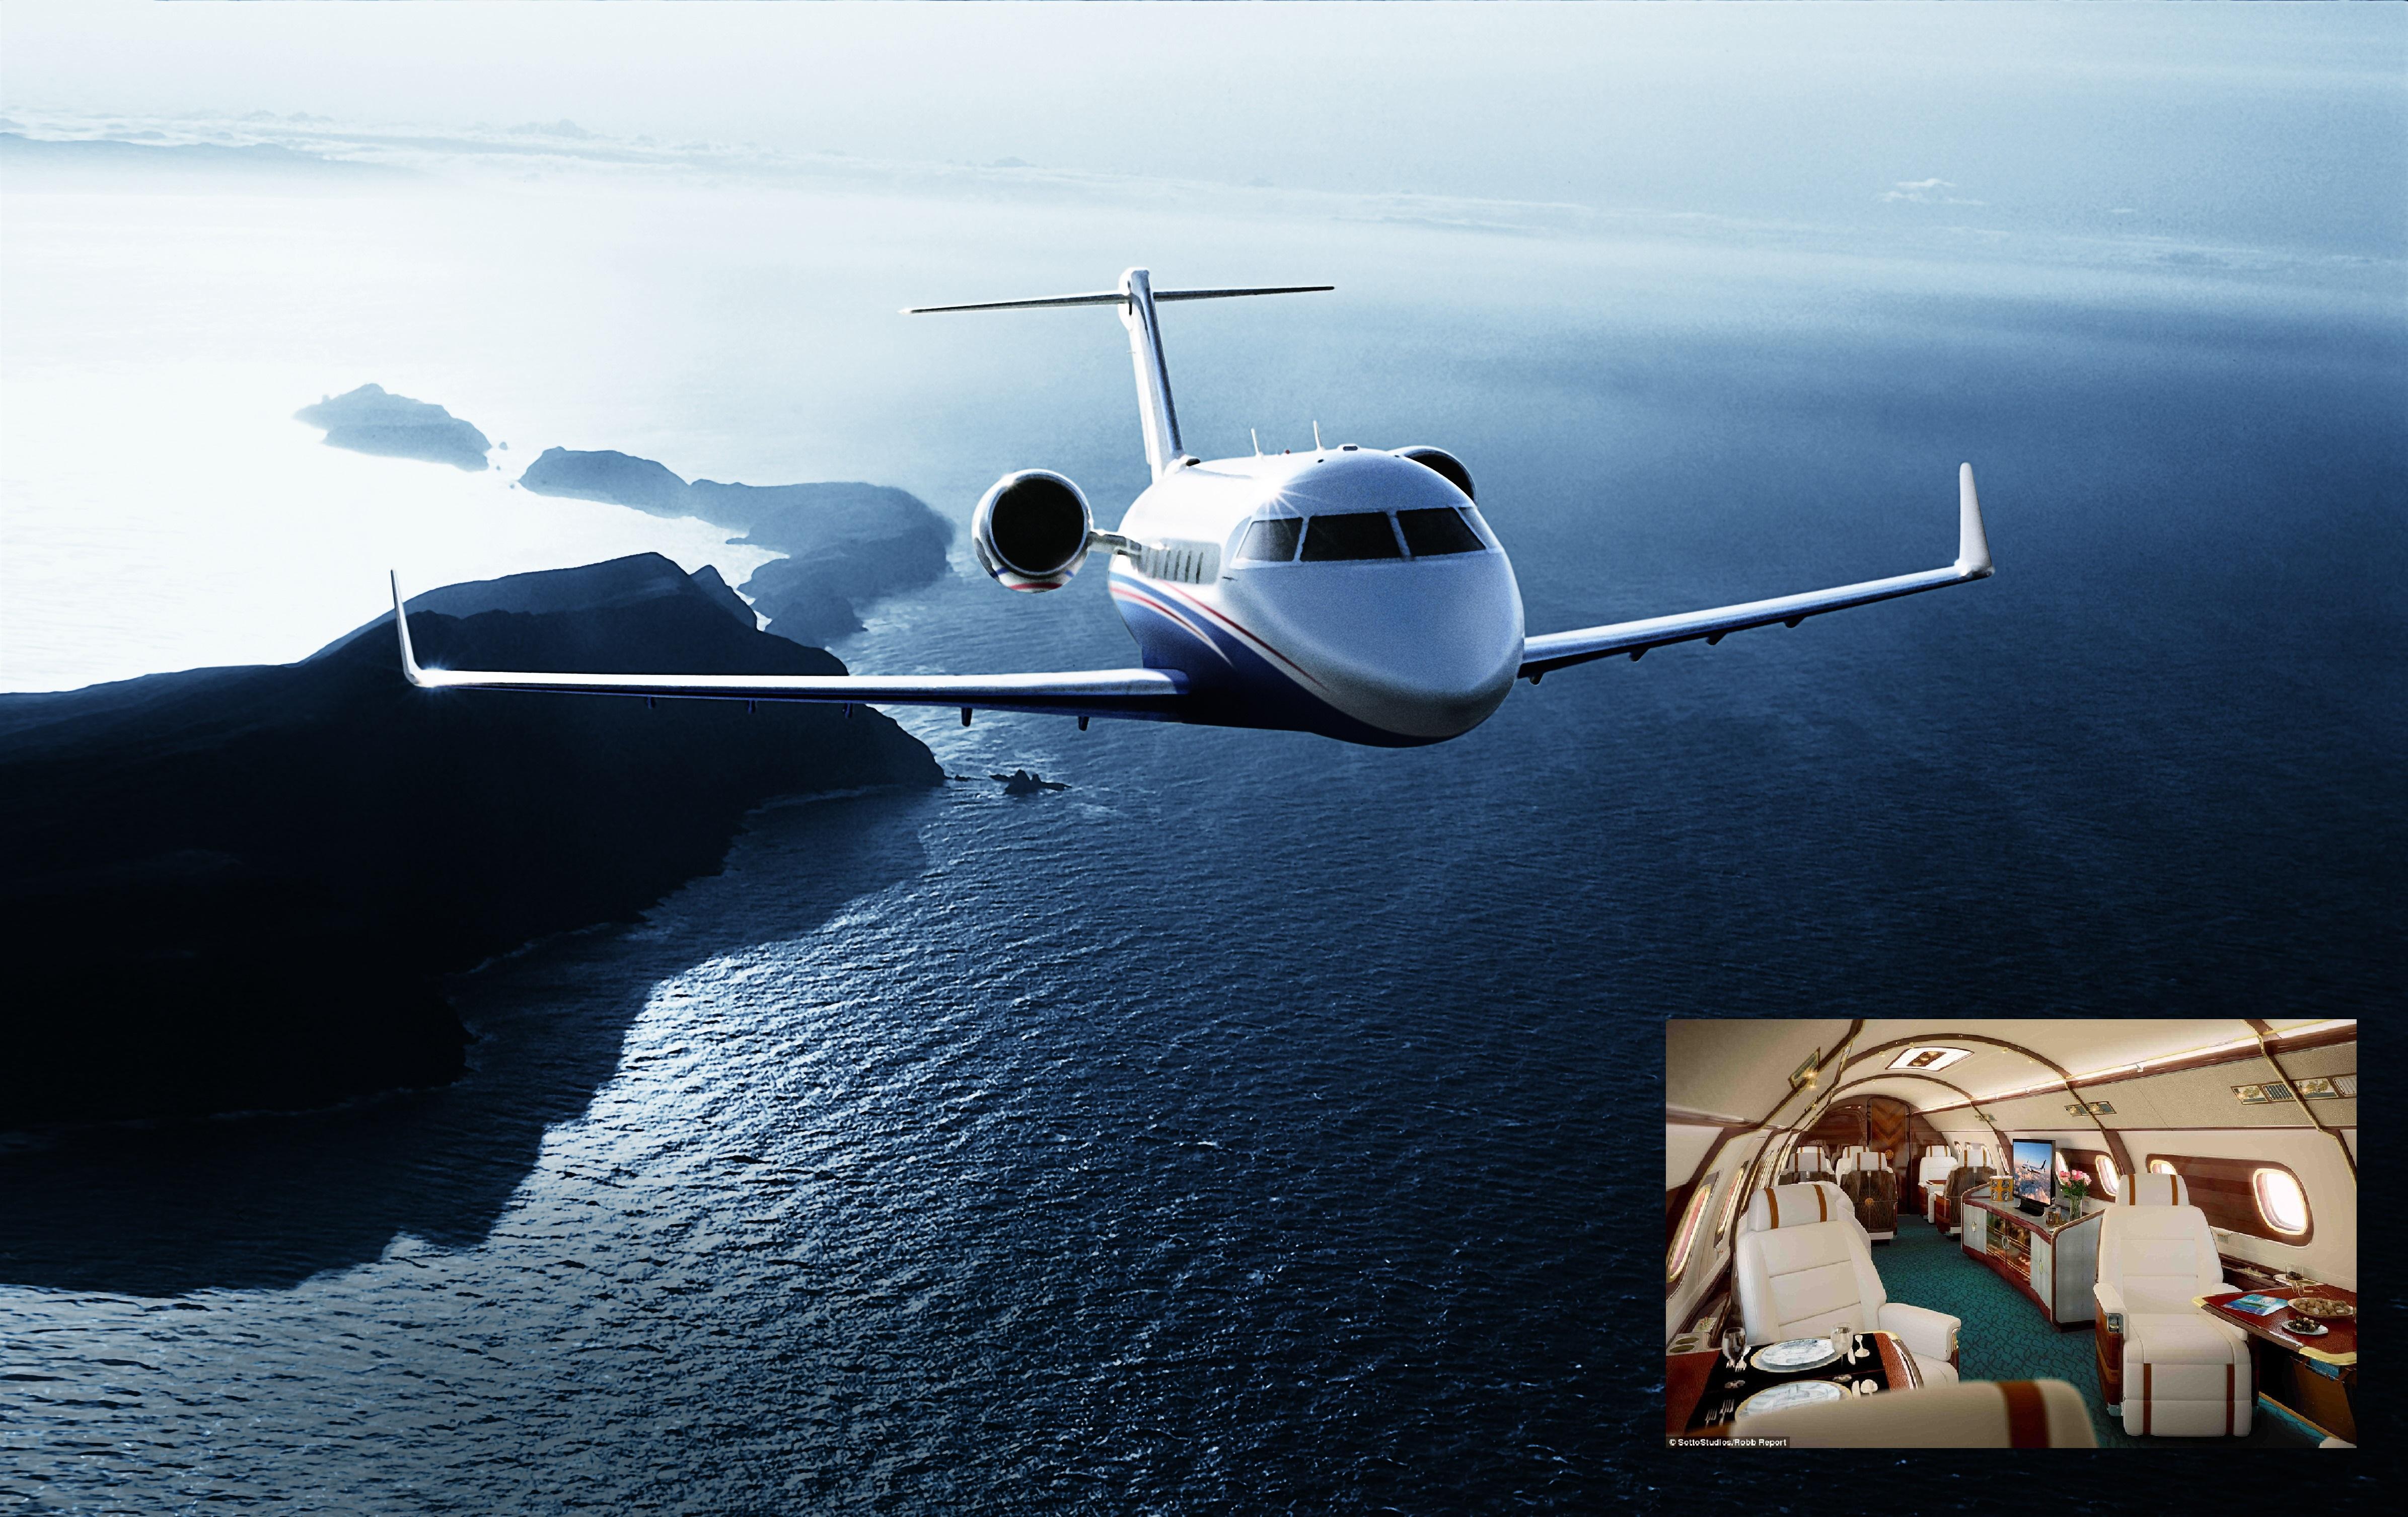 проектировании прикольные картинки полета в самолете для пассажиров туле, развлечениях